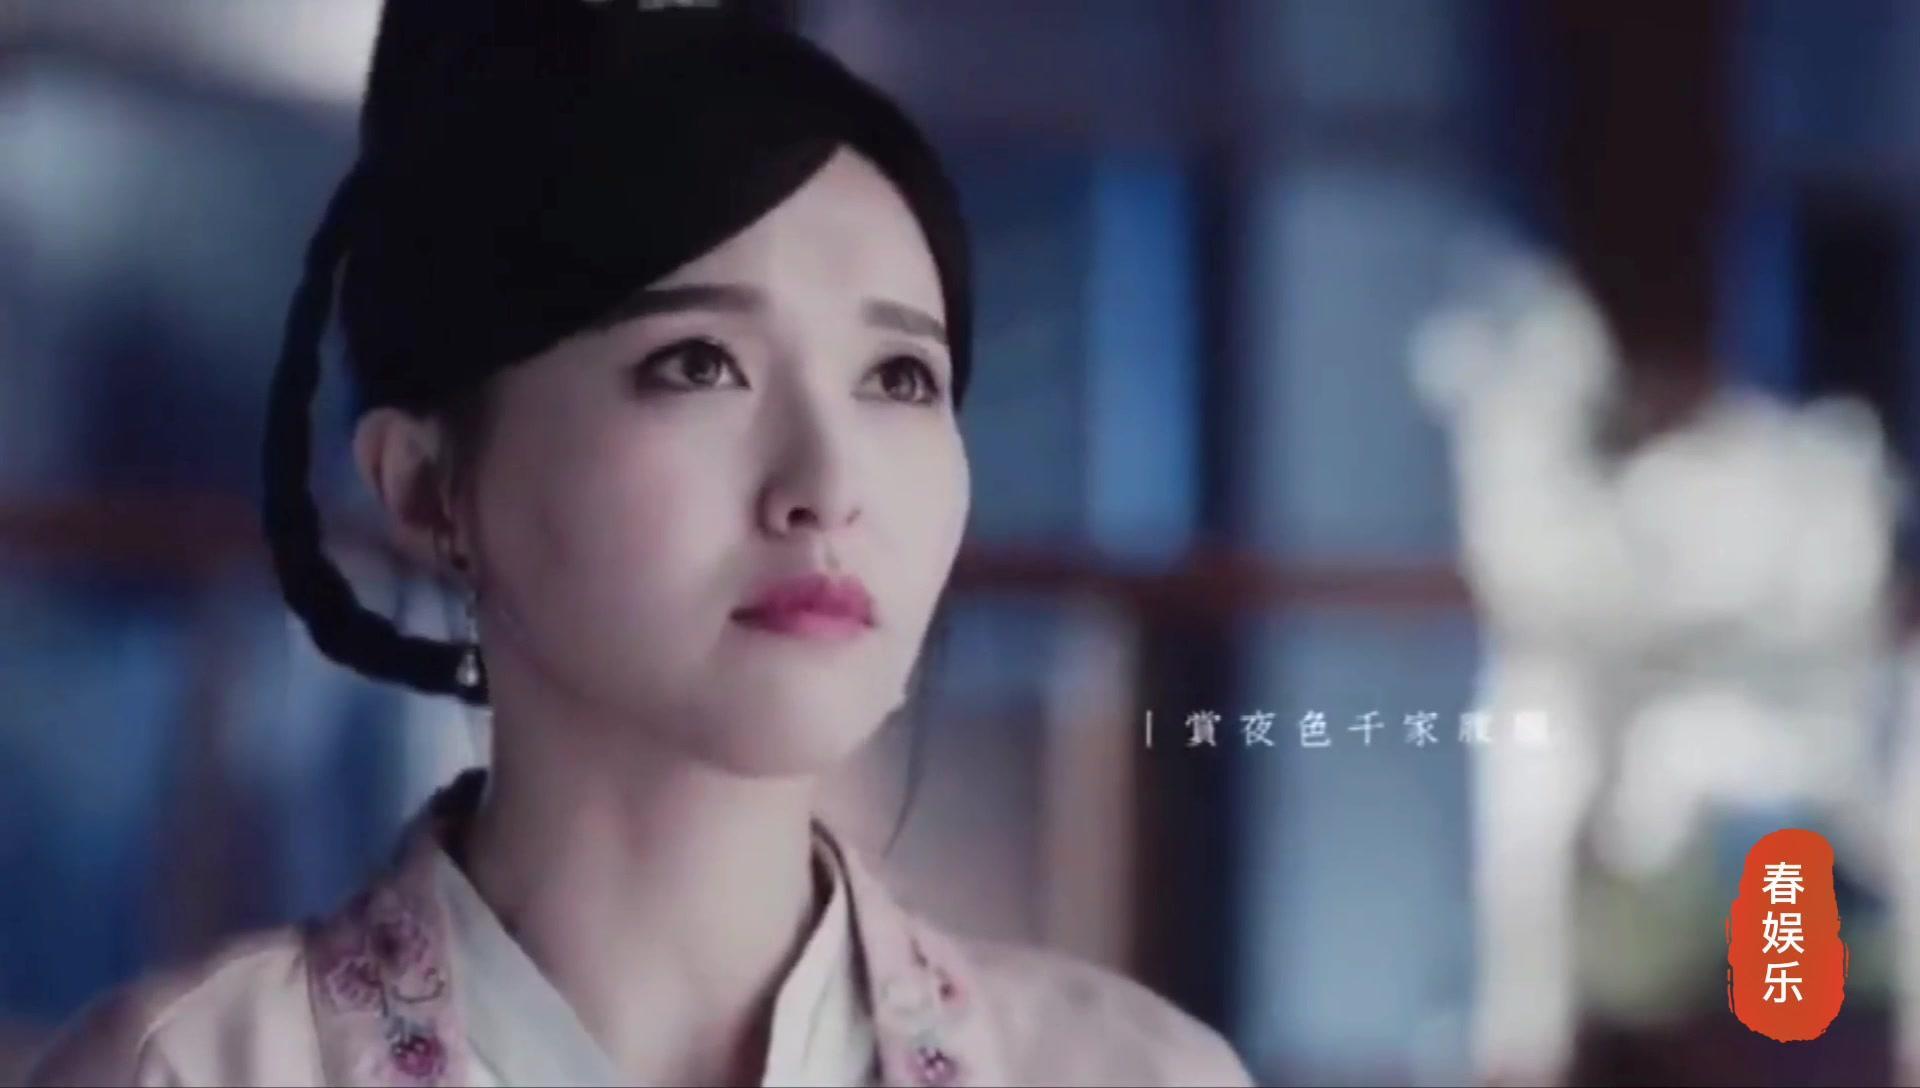 生娃后更美了!唐嫣宣传《燕云台》首晒自拍状态超好